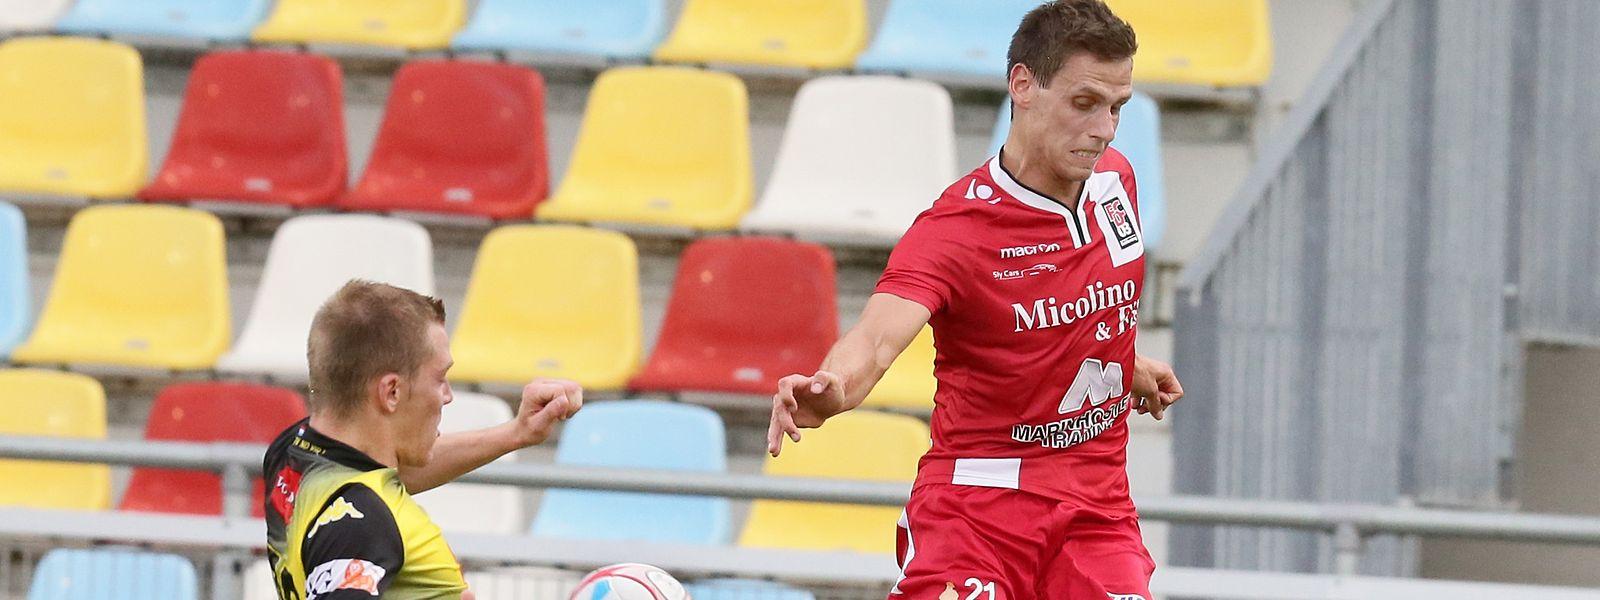 Mathias Jänisch (en rouge) vivra désormais le derby de la Cité du Fer dans l'autre camp. Ce sera le 20 avril à l'occasion de la 21e journée de BGL Ligue